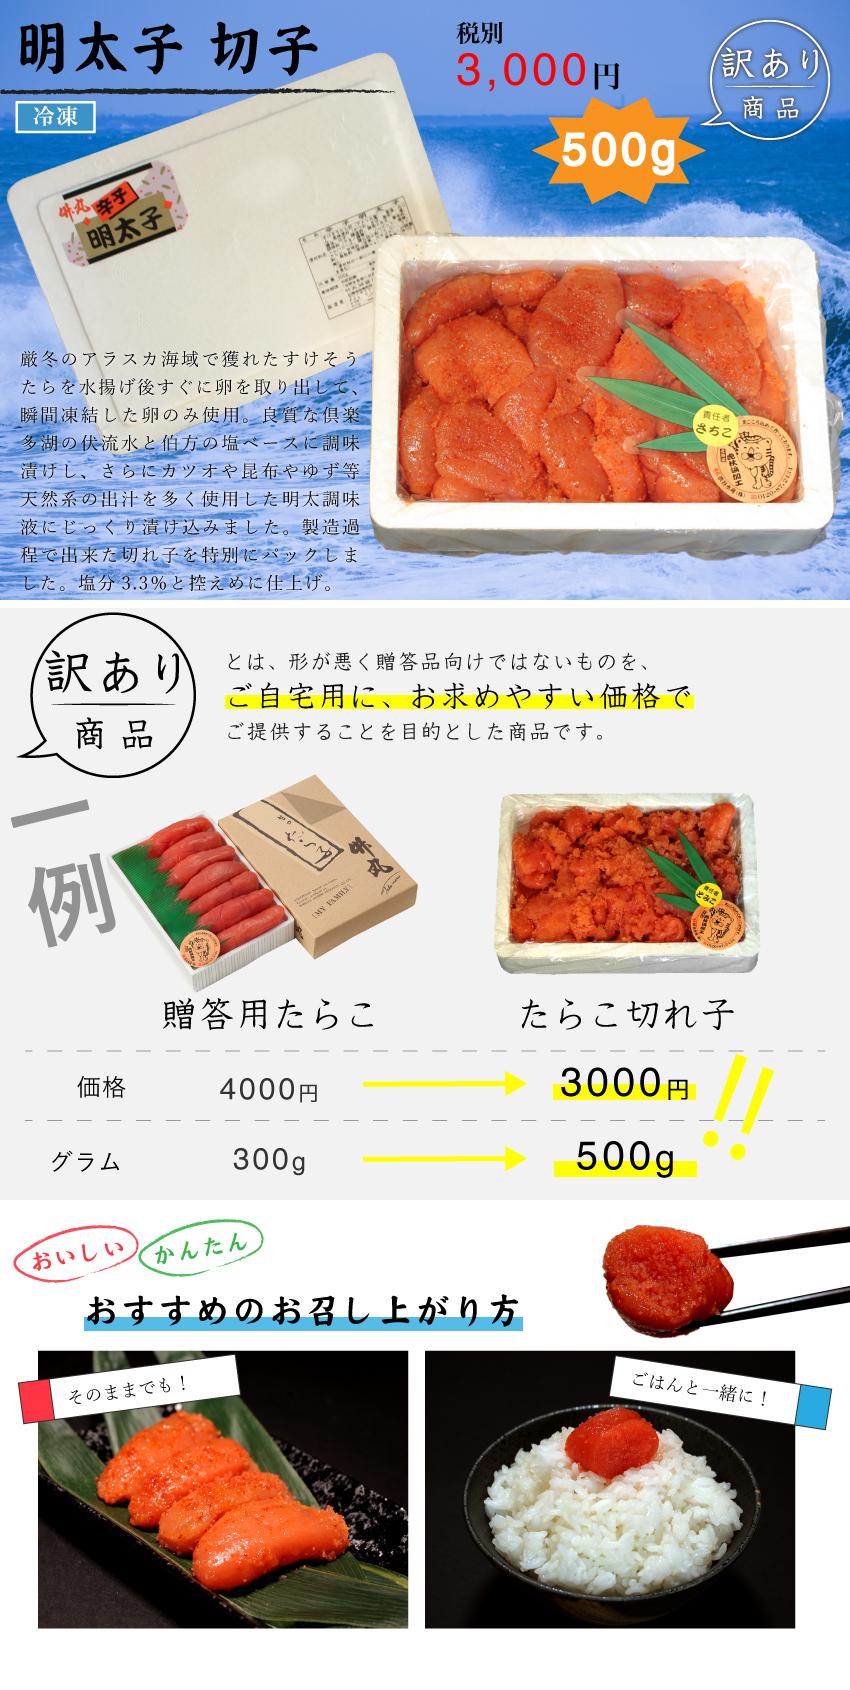 竹丸渋谷水産 明太子 切子 500g【送料無料】【訳あり】【北海道】【明太子】